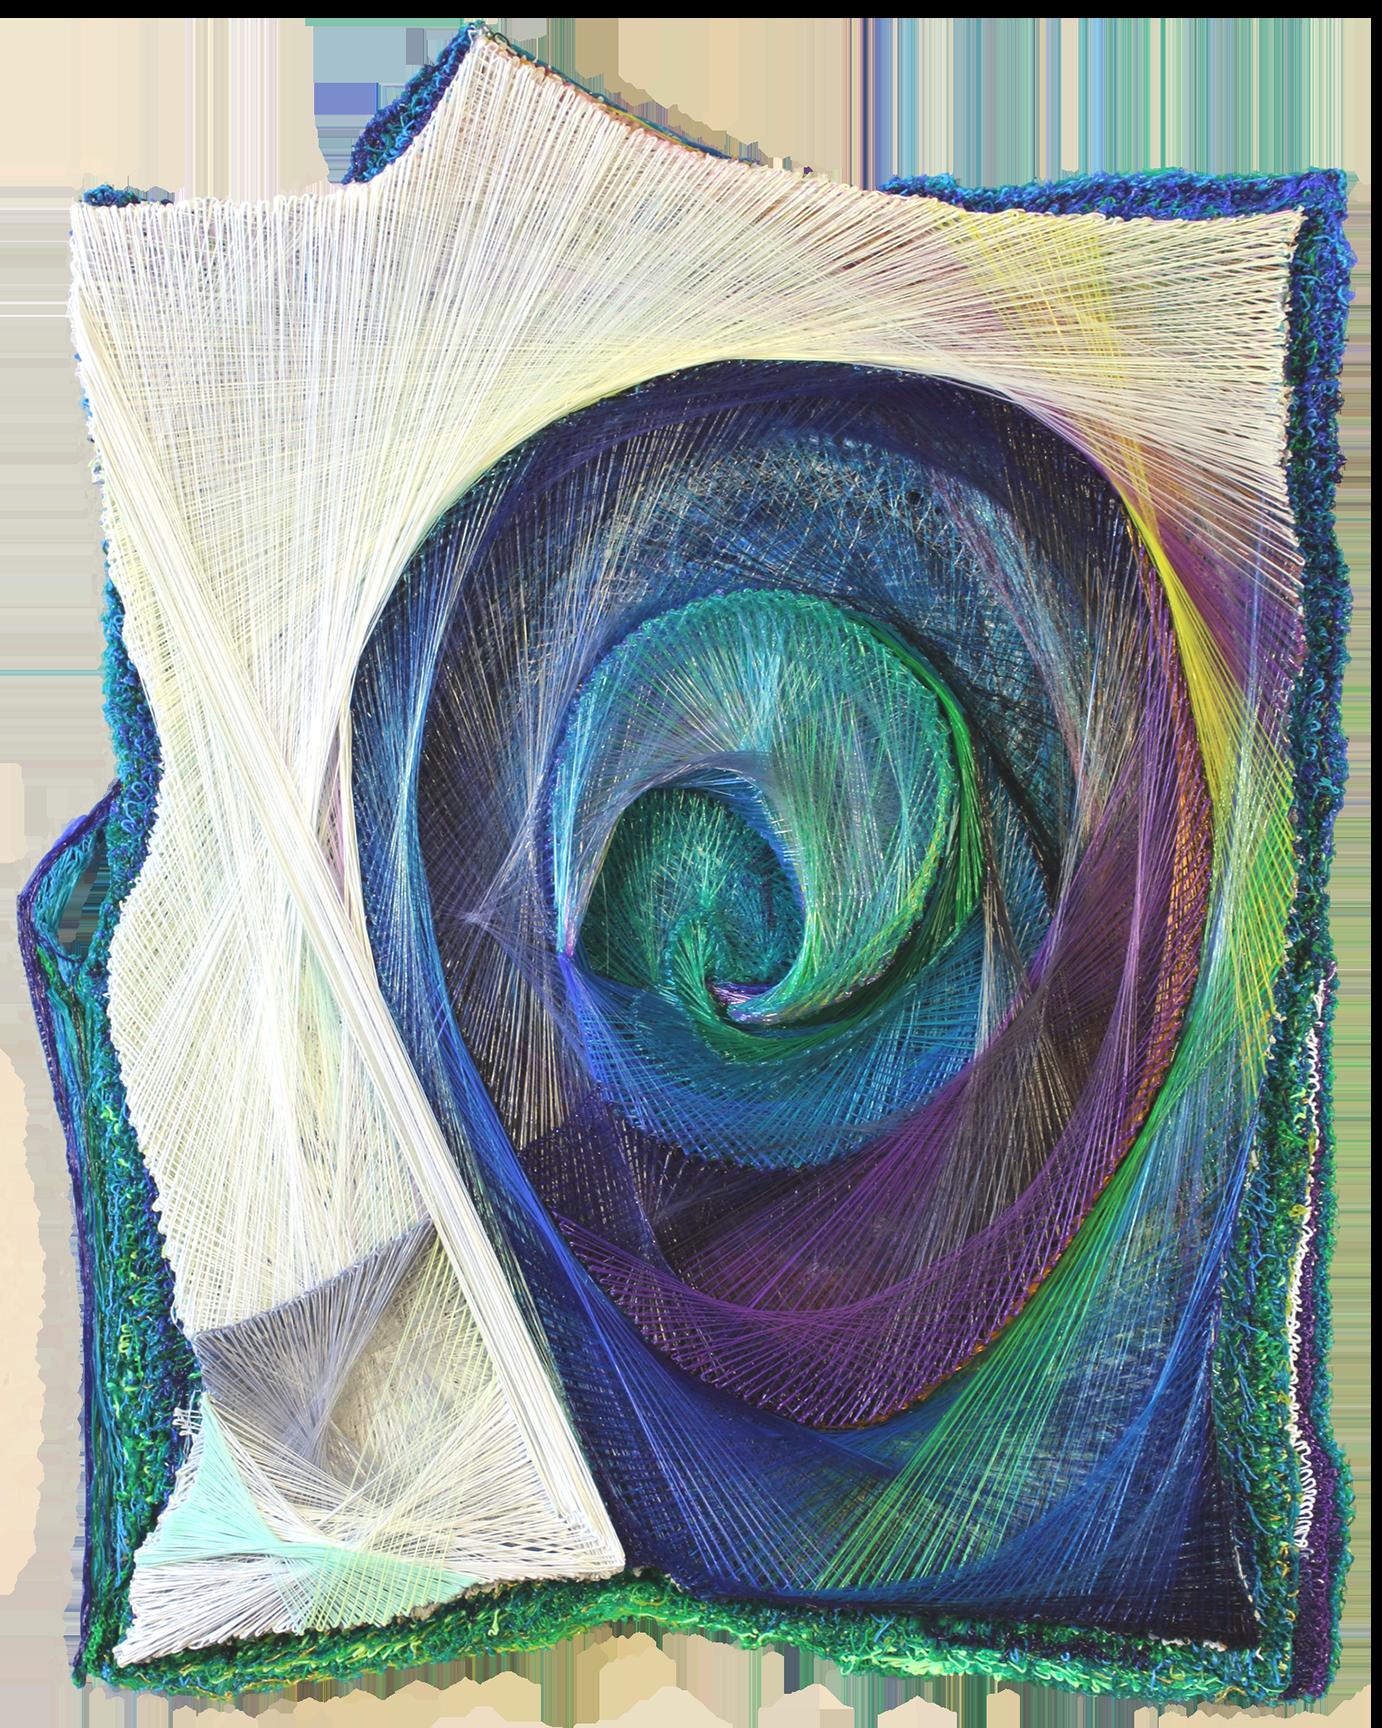 Plasticportrait y4eiv5